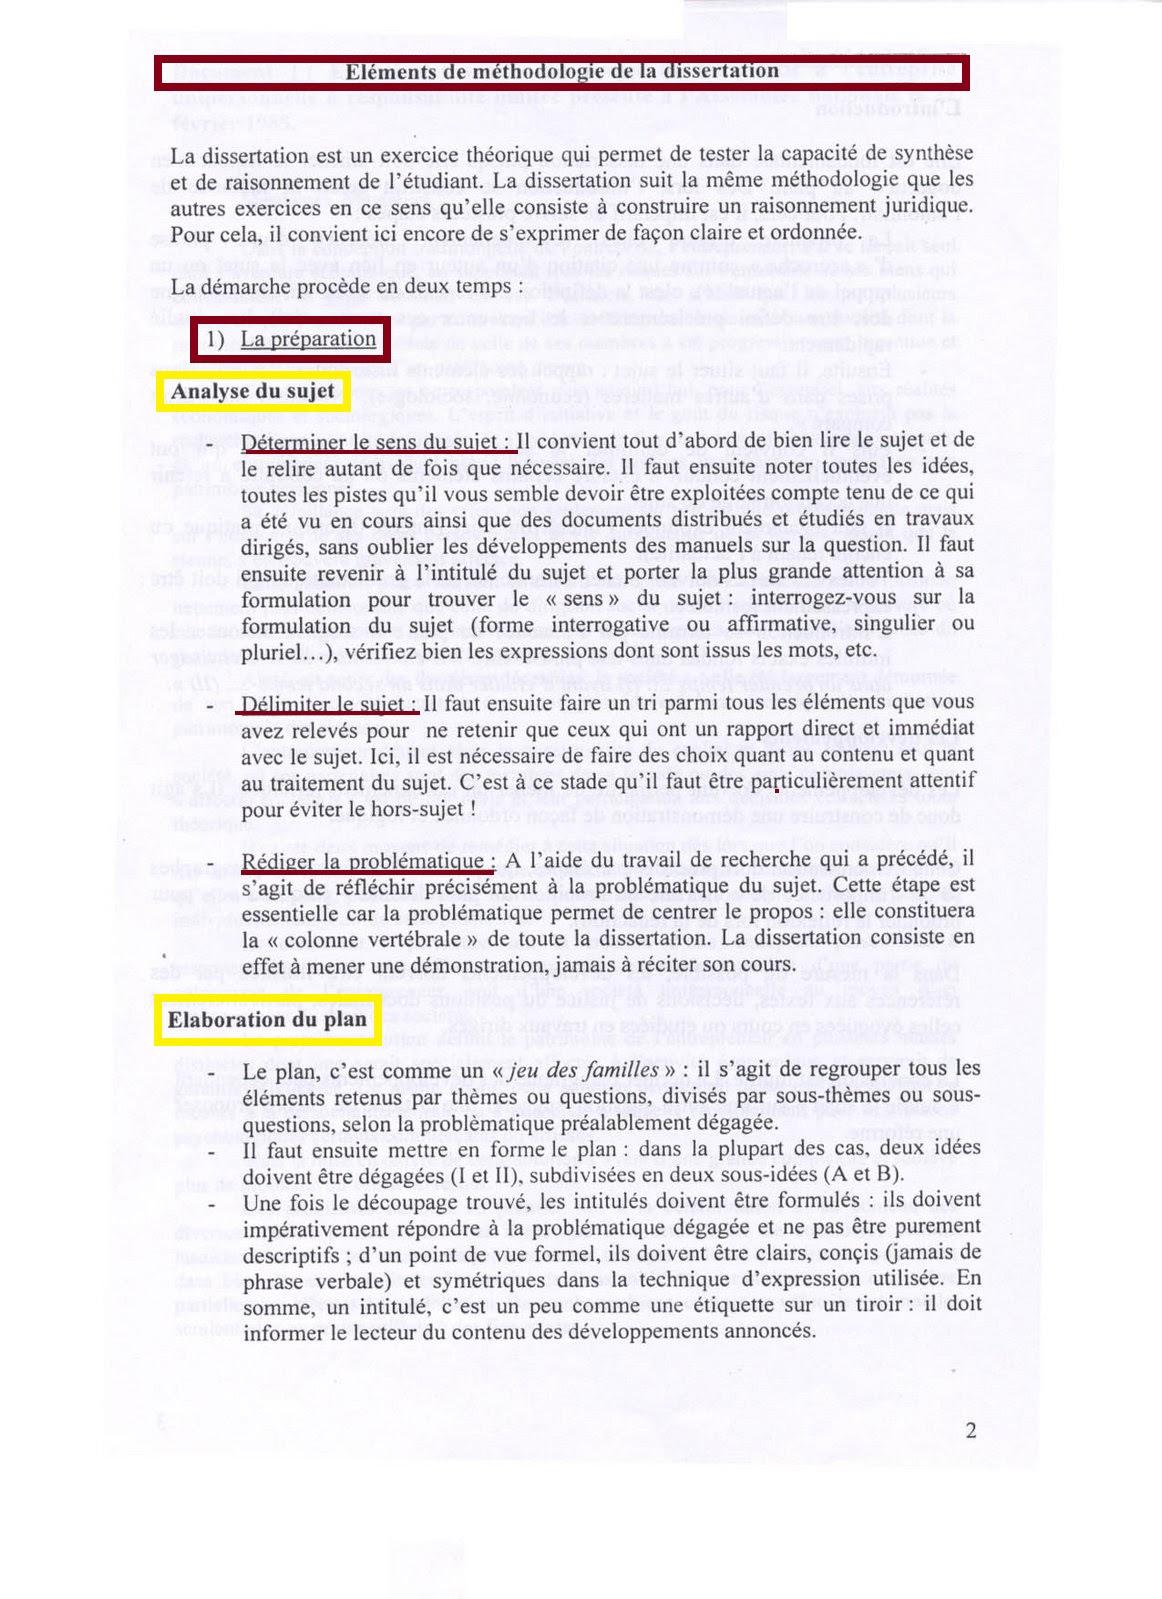 Note De Synthèse Exemple De Plan - Le Meilleur Exemple